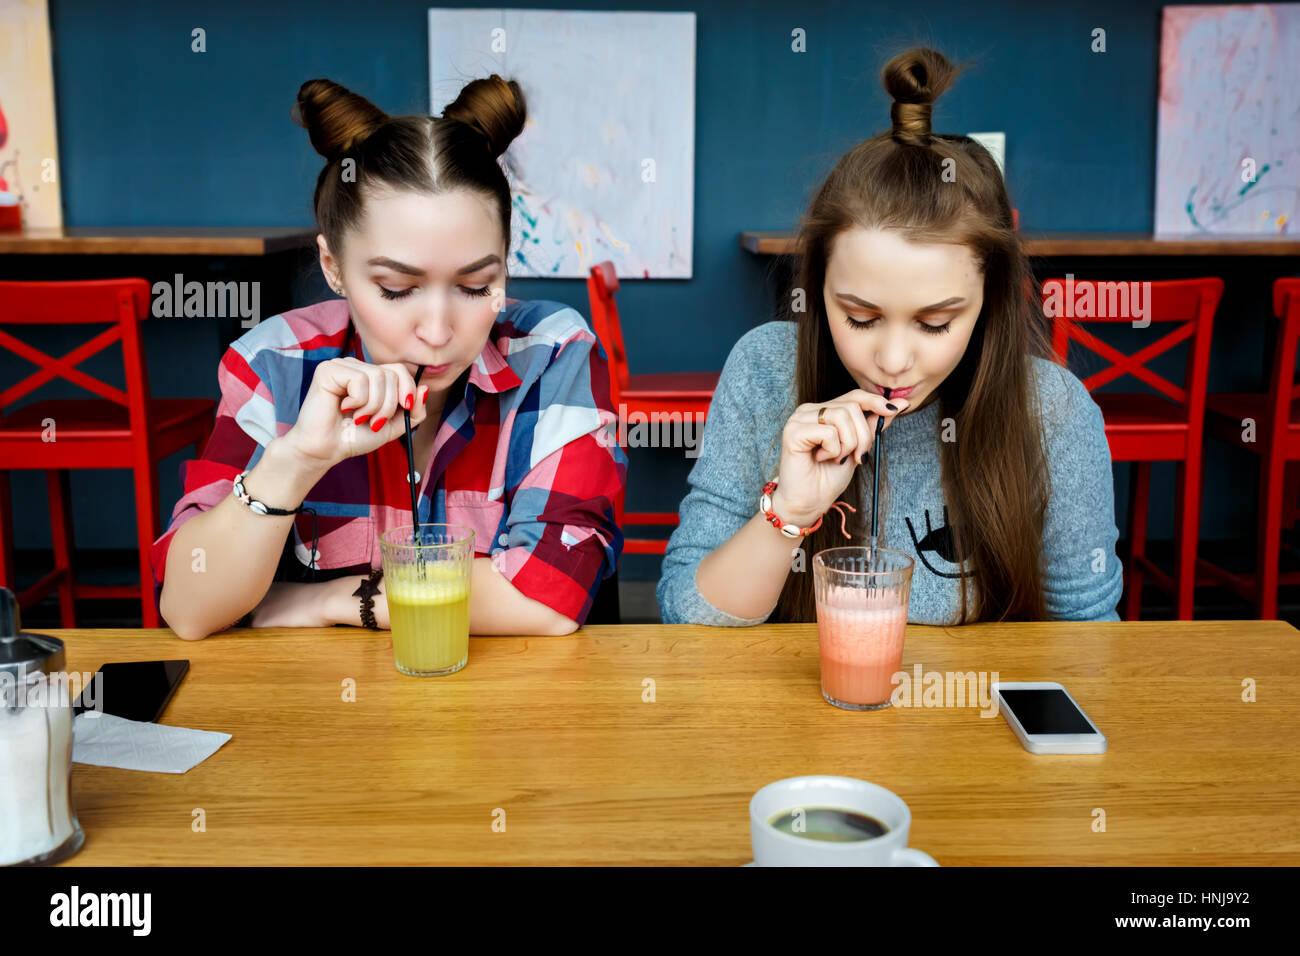 Les jeunes filles s'amusant dans un bar café. Photo Stock